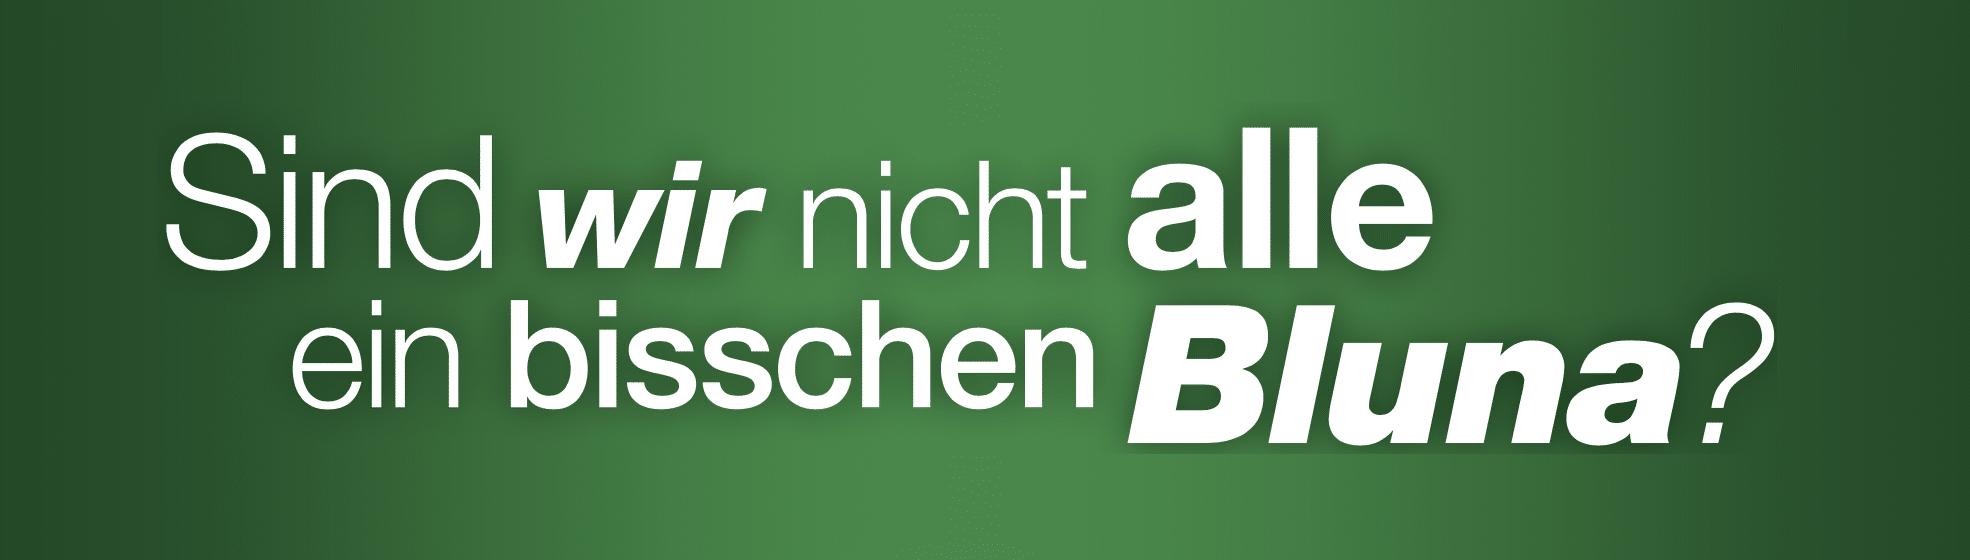 bluna-banner